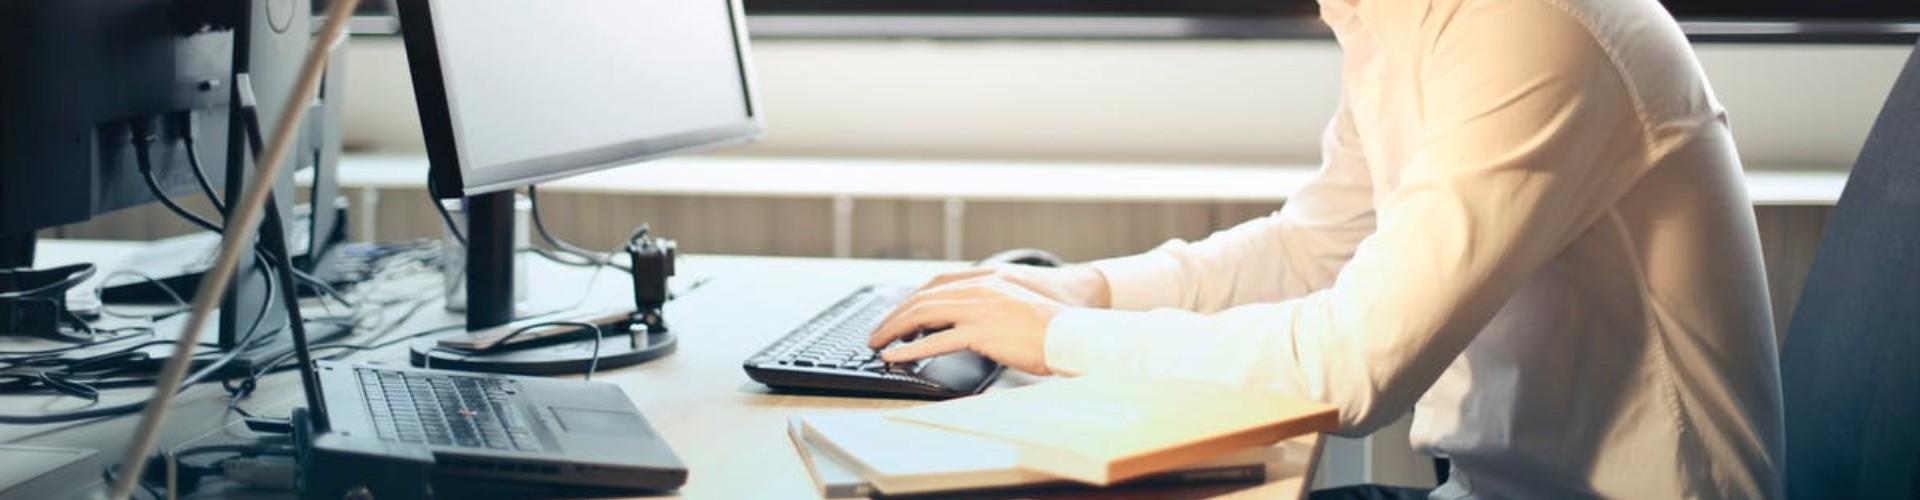 Aptitudes en el Currículum: Aptitudes más buscadas en un CV